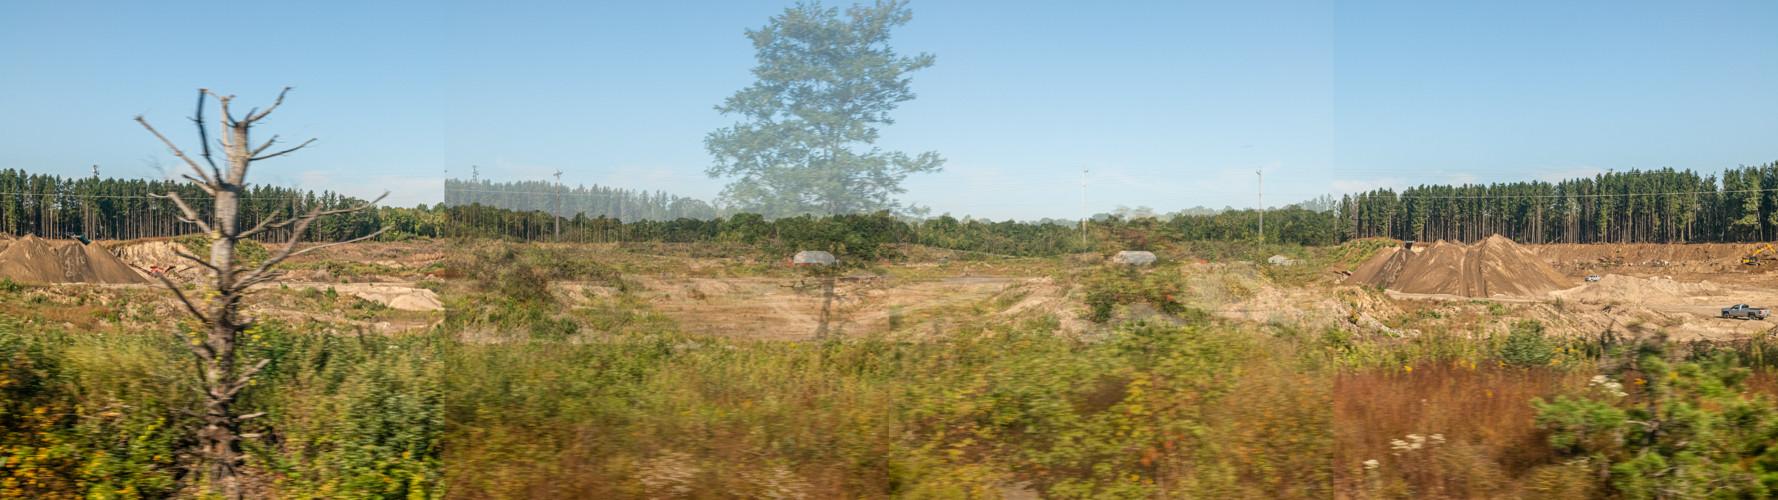 Northbound-11.jpg